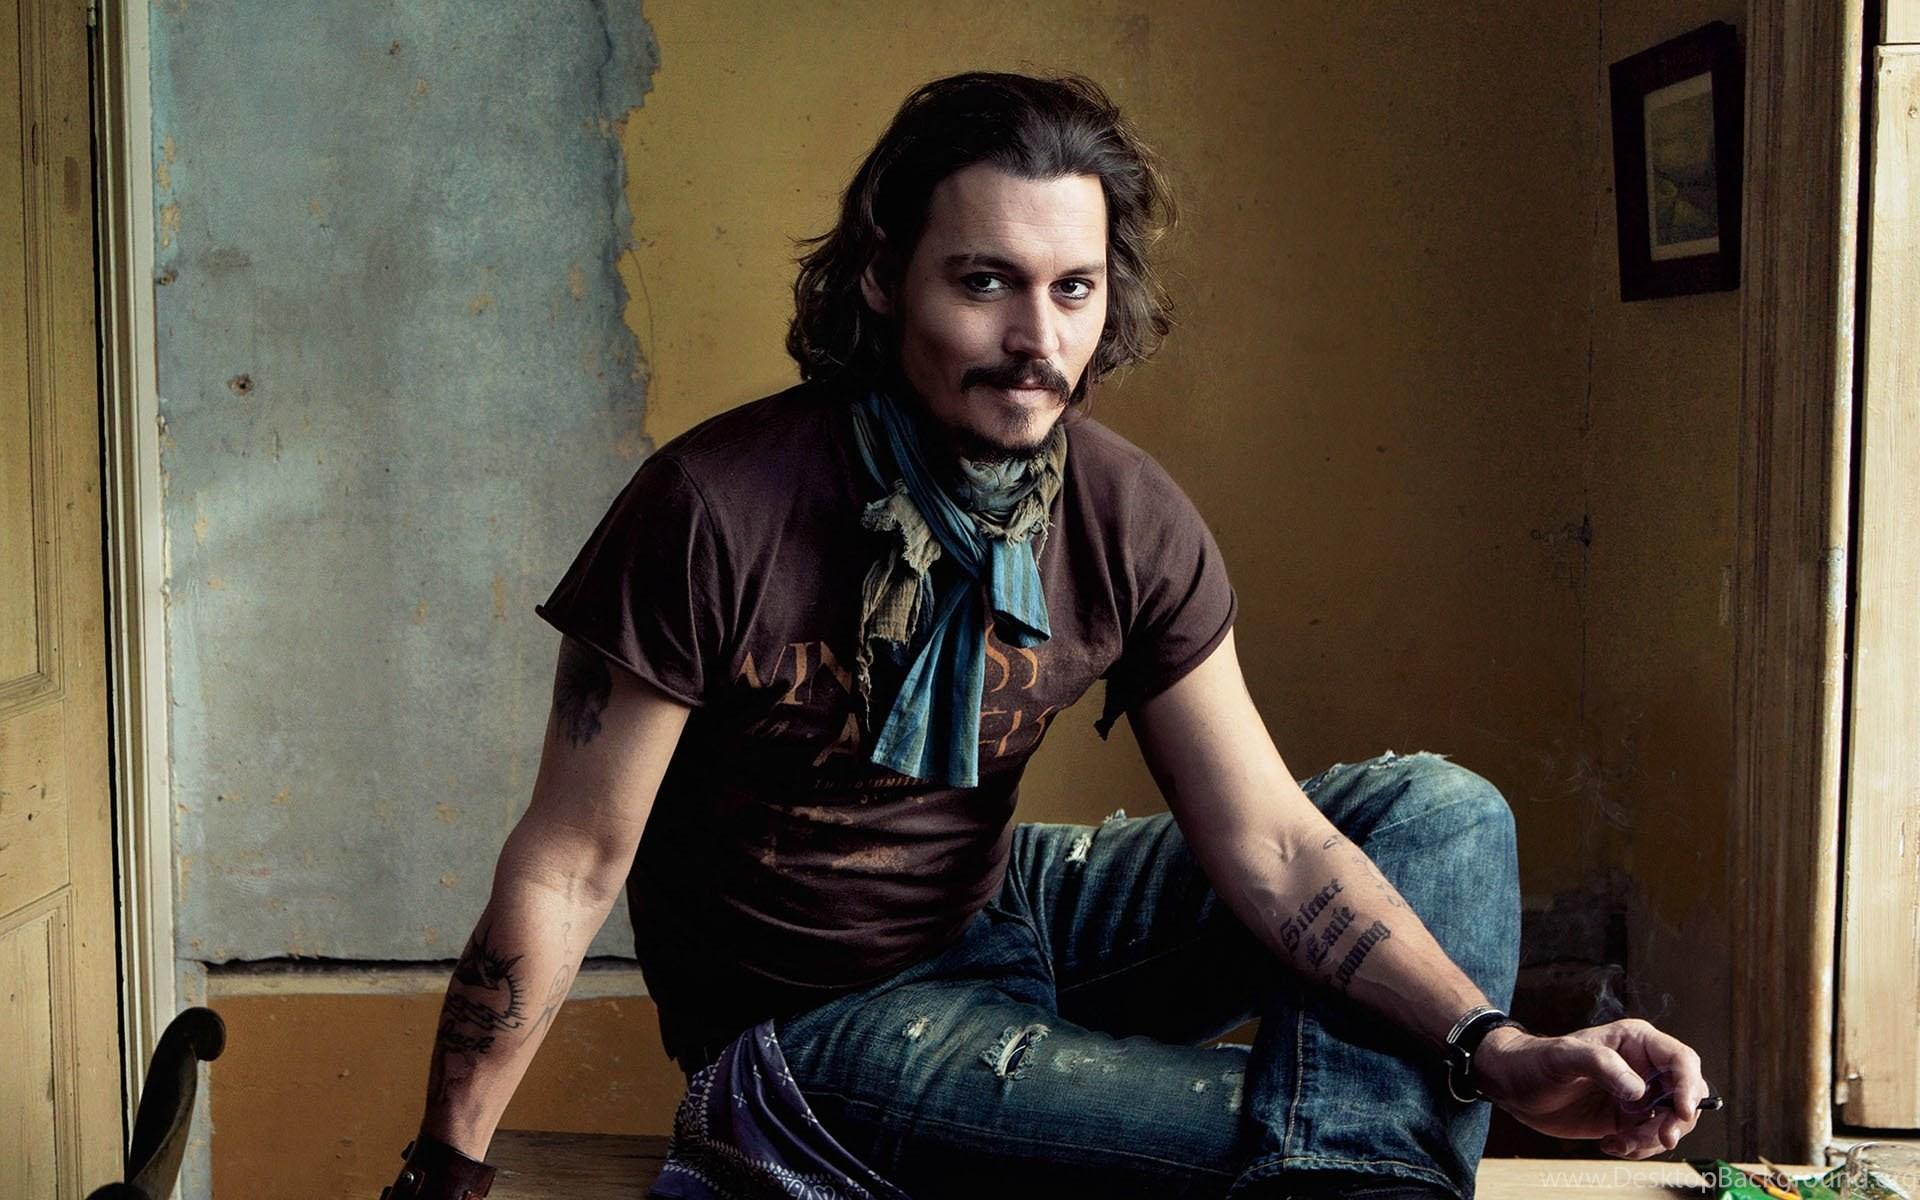 Fonds D'écran Johnny Depp : Tous Les Wallpapers Johnny